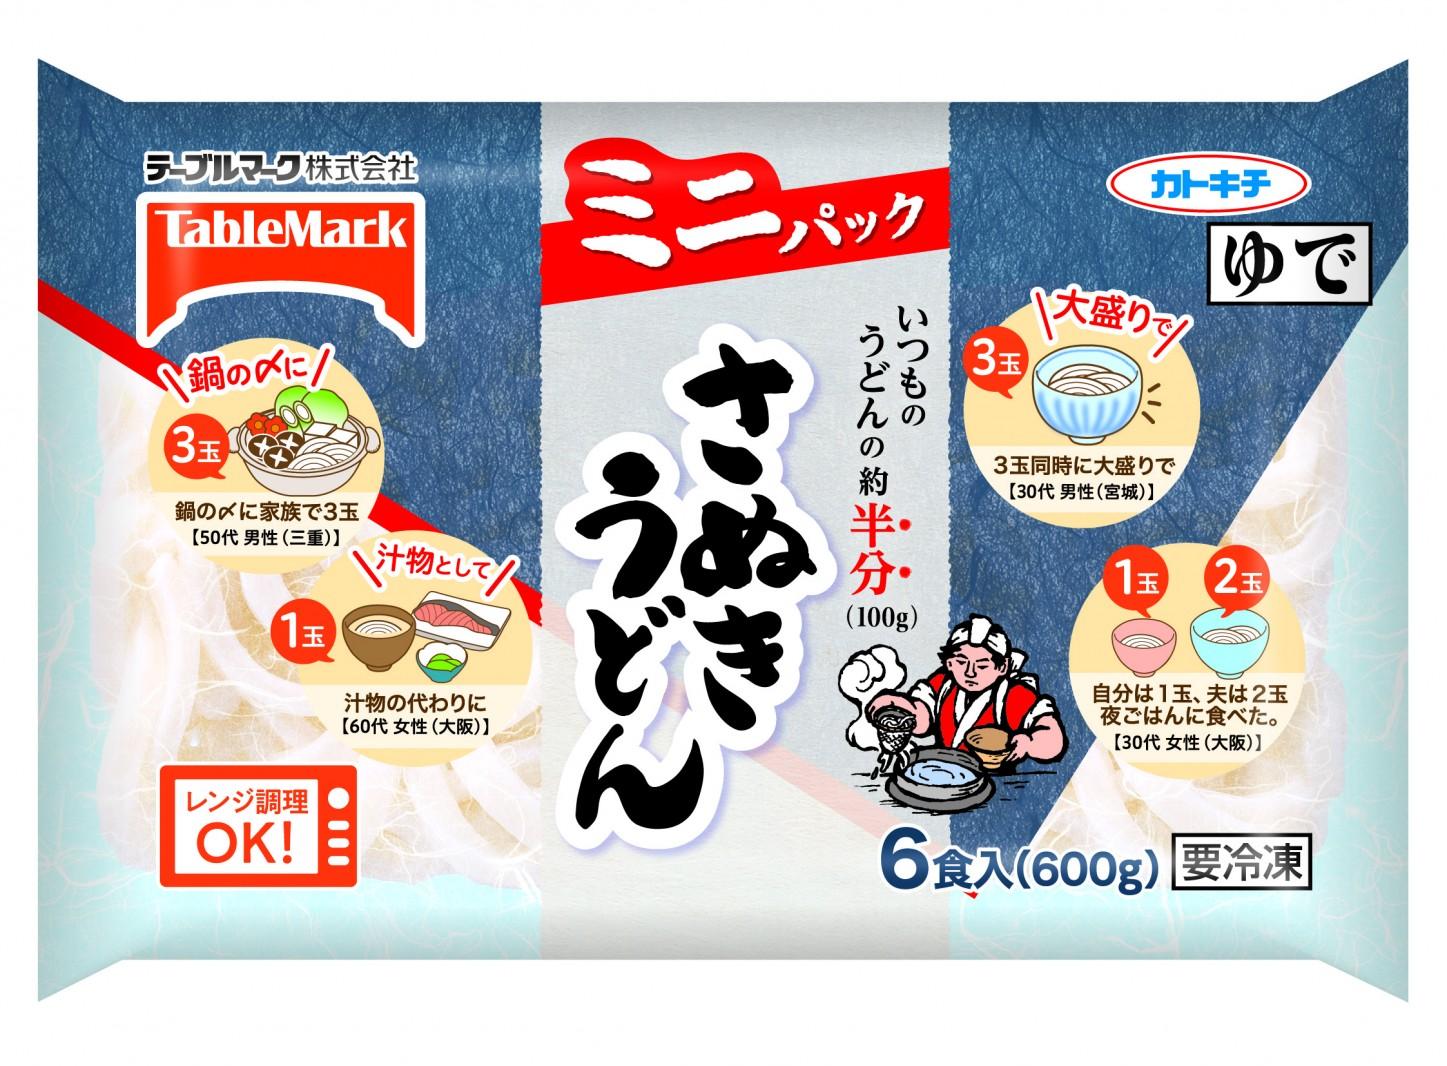 1食(1玉)100gなら、少なめ100g、普通に200g、大盛り300gと選べる「ミニパック さぬきうどん 6食」